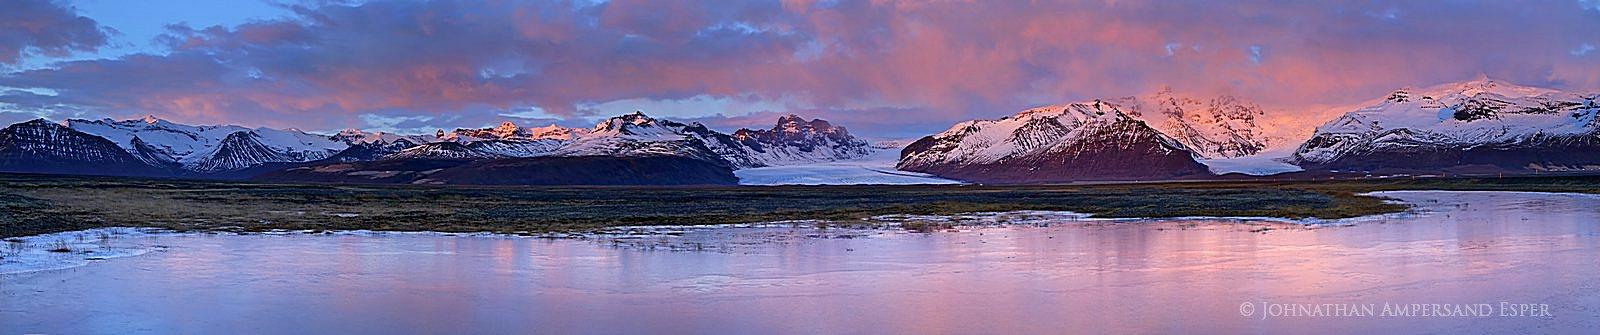 Hvannadalshnúkur (far right), Iceland's highest mountain, and Vatnajökull ice field, Skaftafell National...